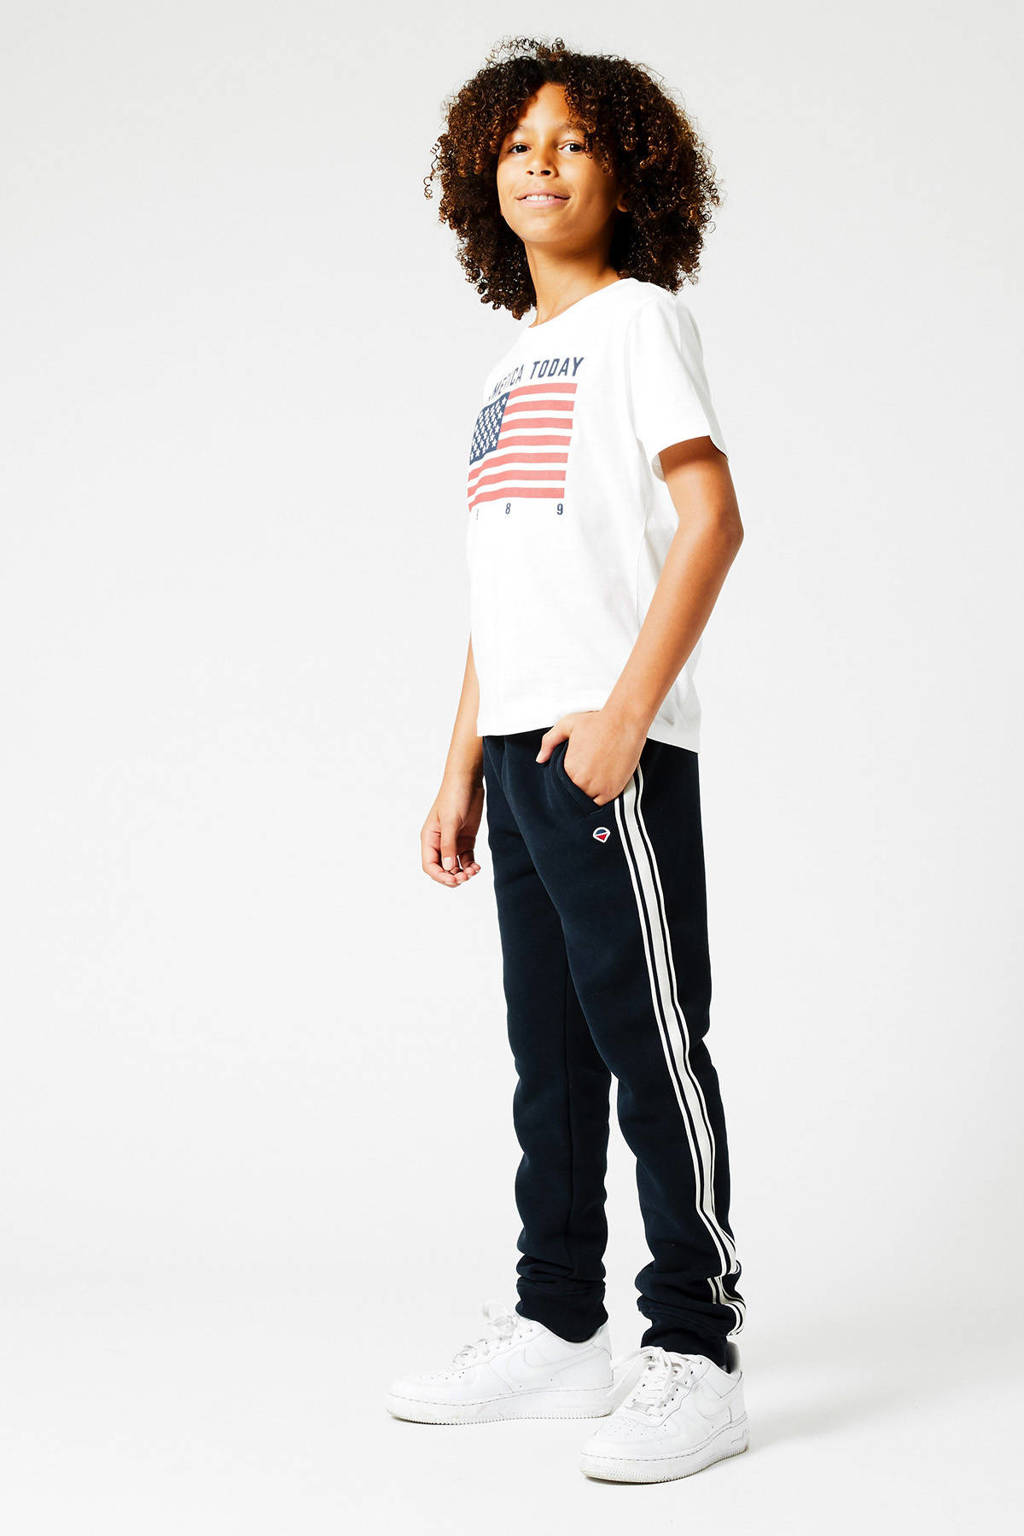 America Today Junior slim fit joggingbroek Conner Tape met zijstreep donkerblauw, Donkerblauw